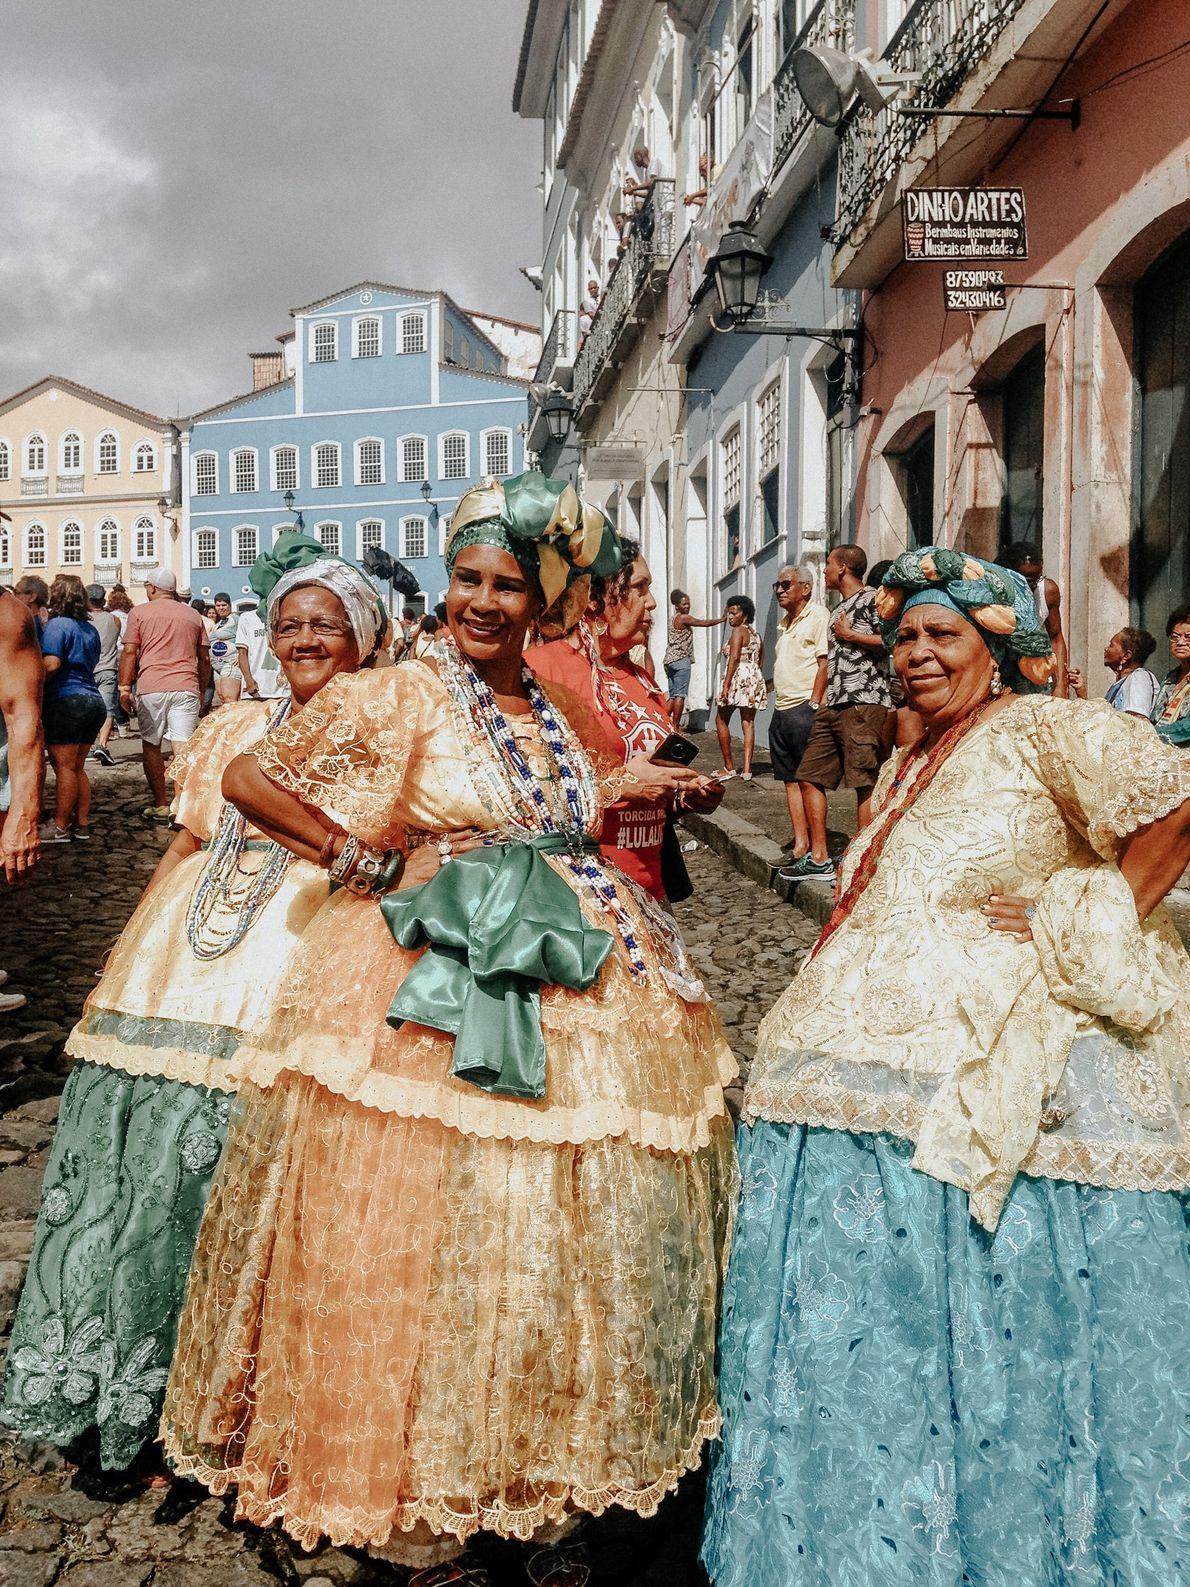 patrimonios-historicos-unesco-brasil-salvador